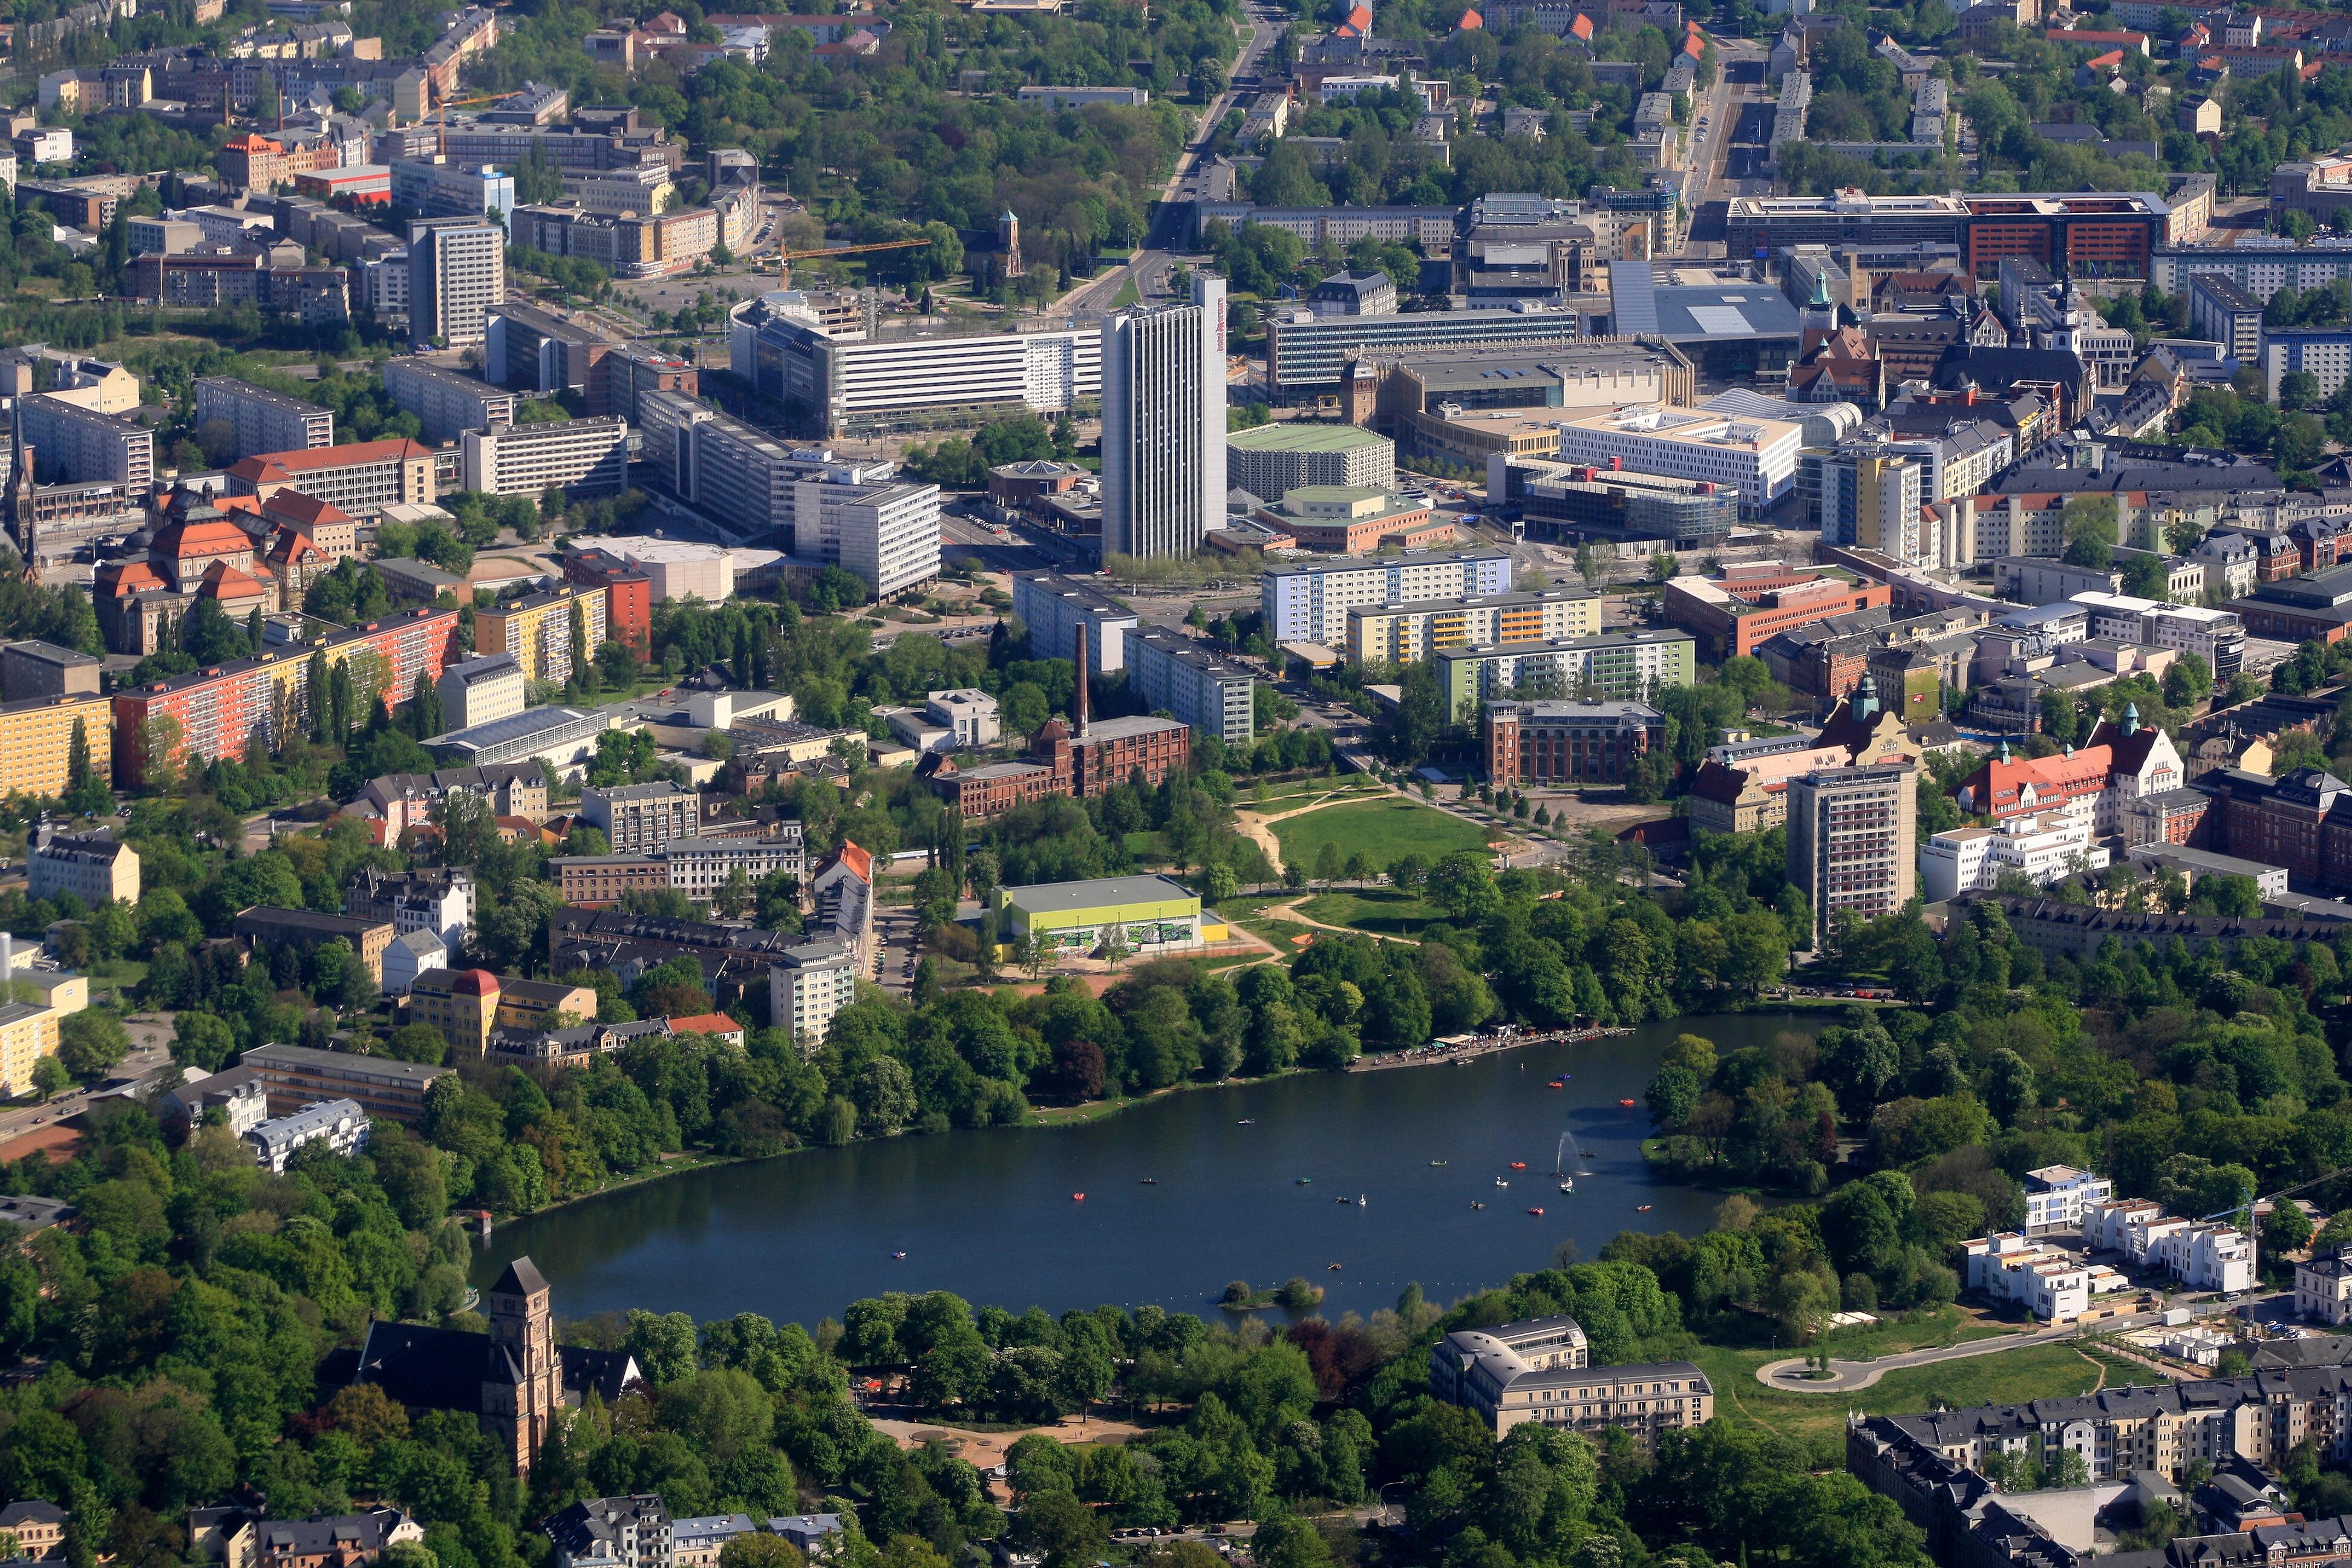 Historisches Zentrum von Chemnitz